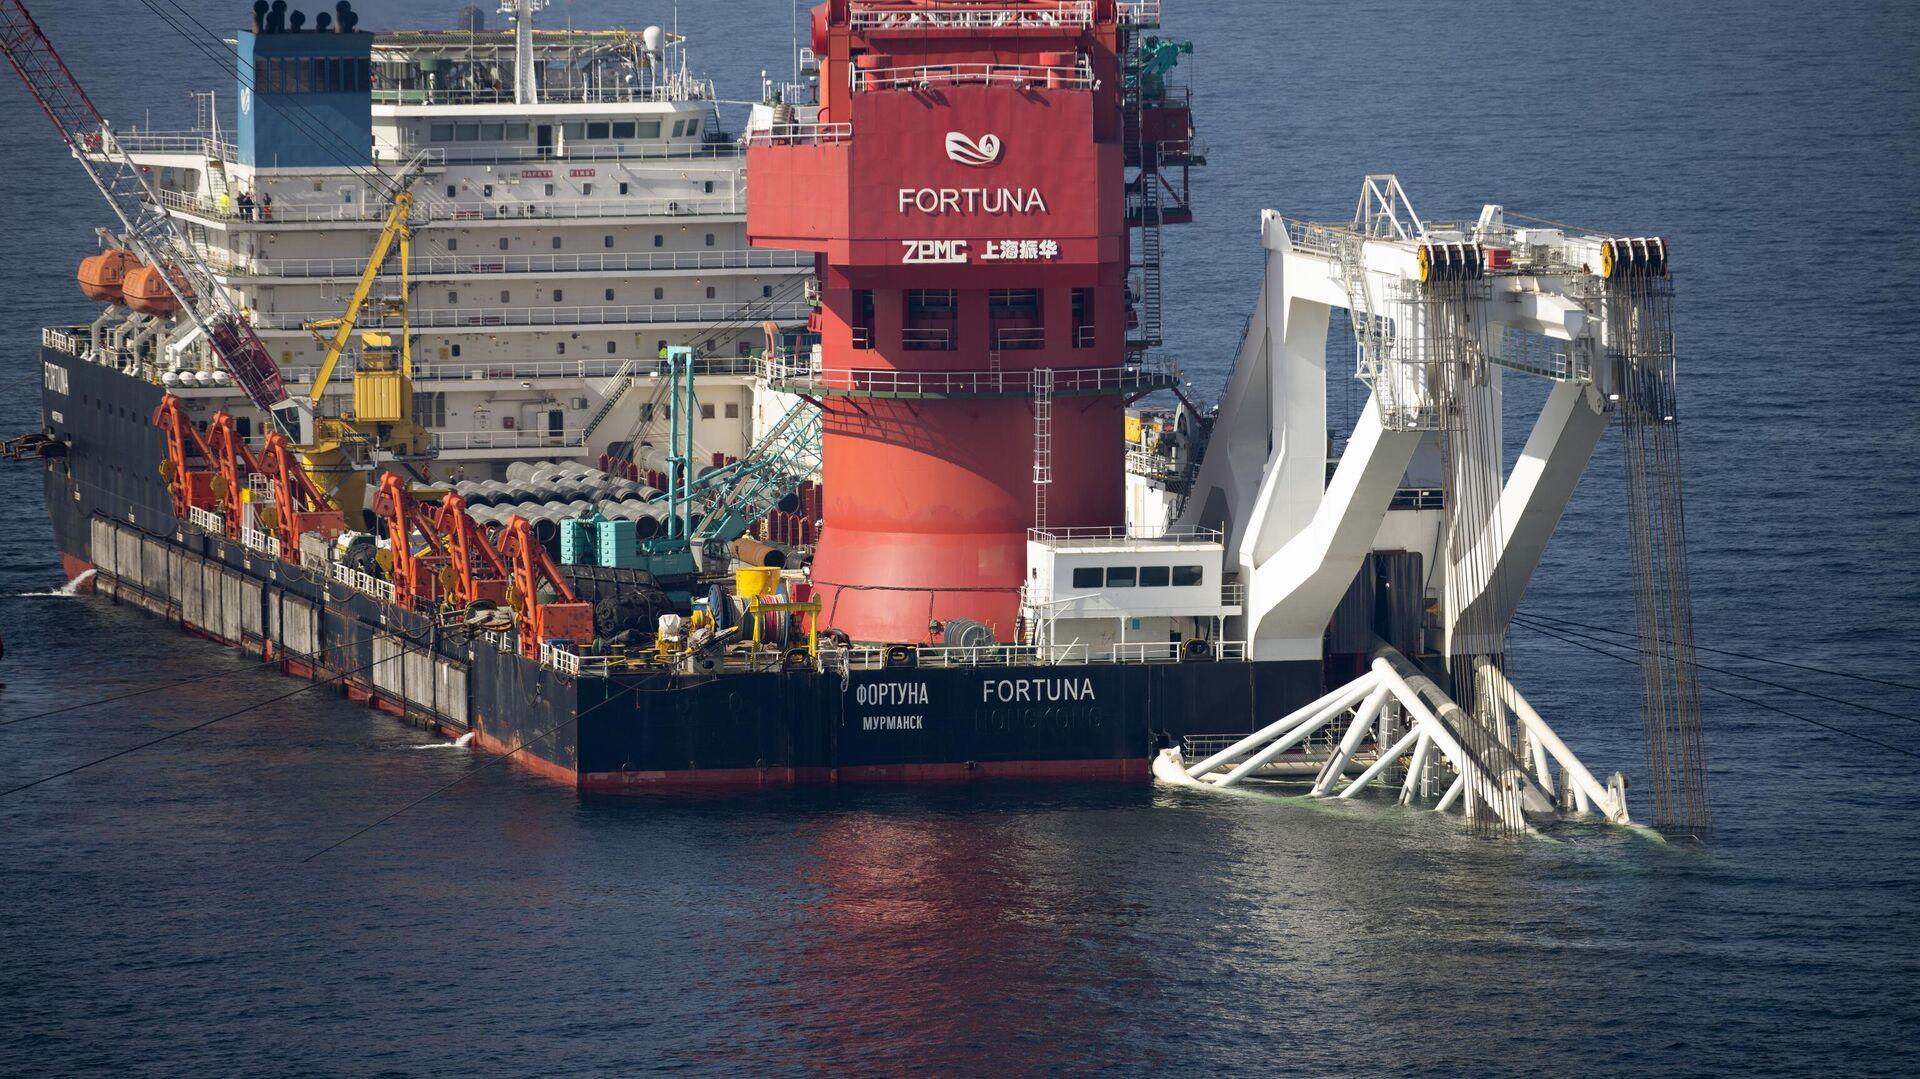 Mногоцелевое судно Фортуна во время трубоукладочных работ в водах Дании - РИА Новости, 1920, 18.09.2021